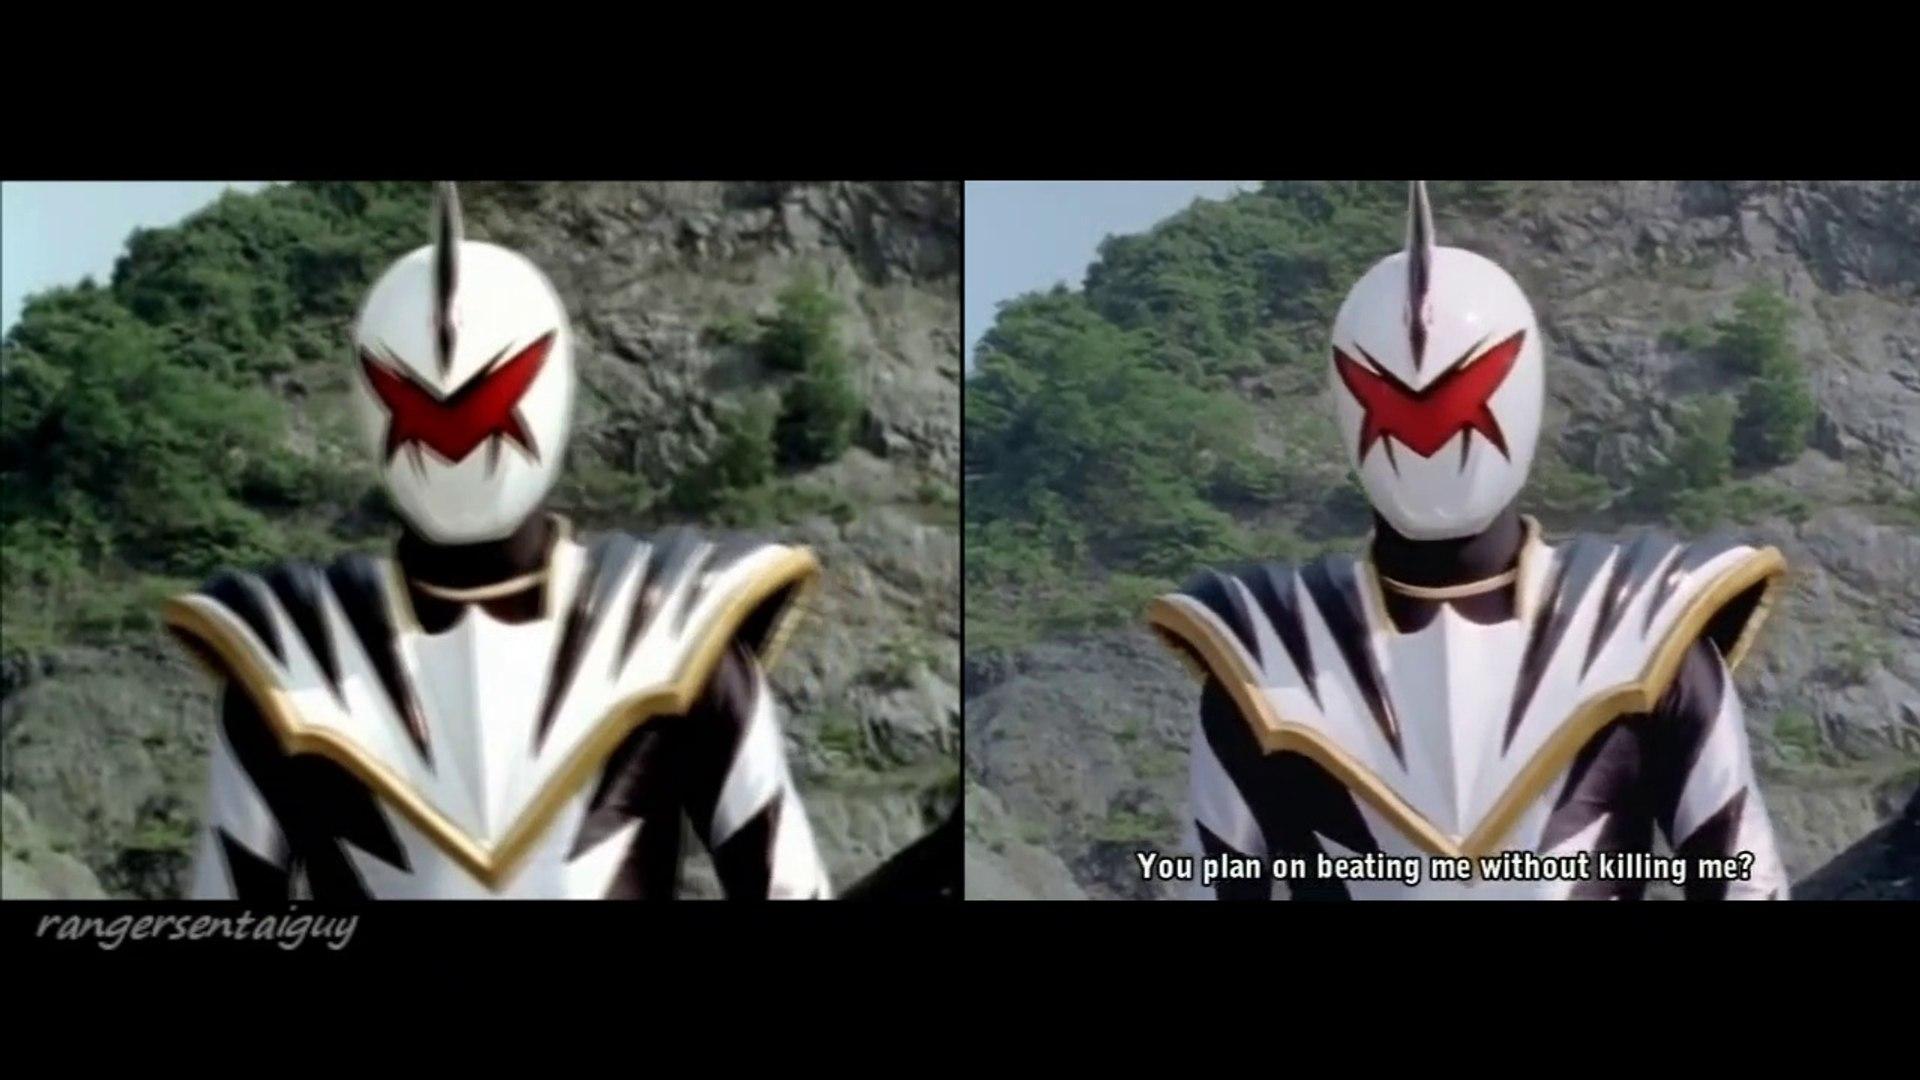 Power Rangers Dino Thunder Red Ranger Vs White Ranger Split Screen